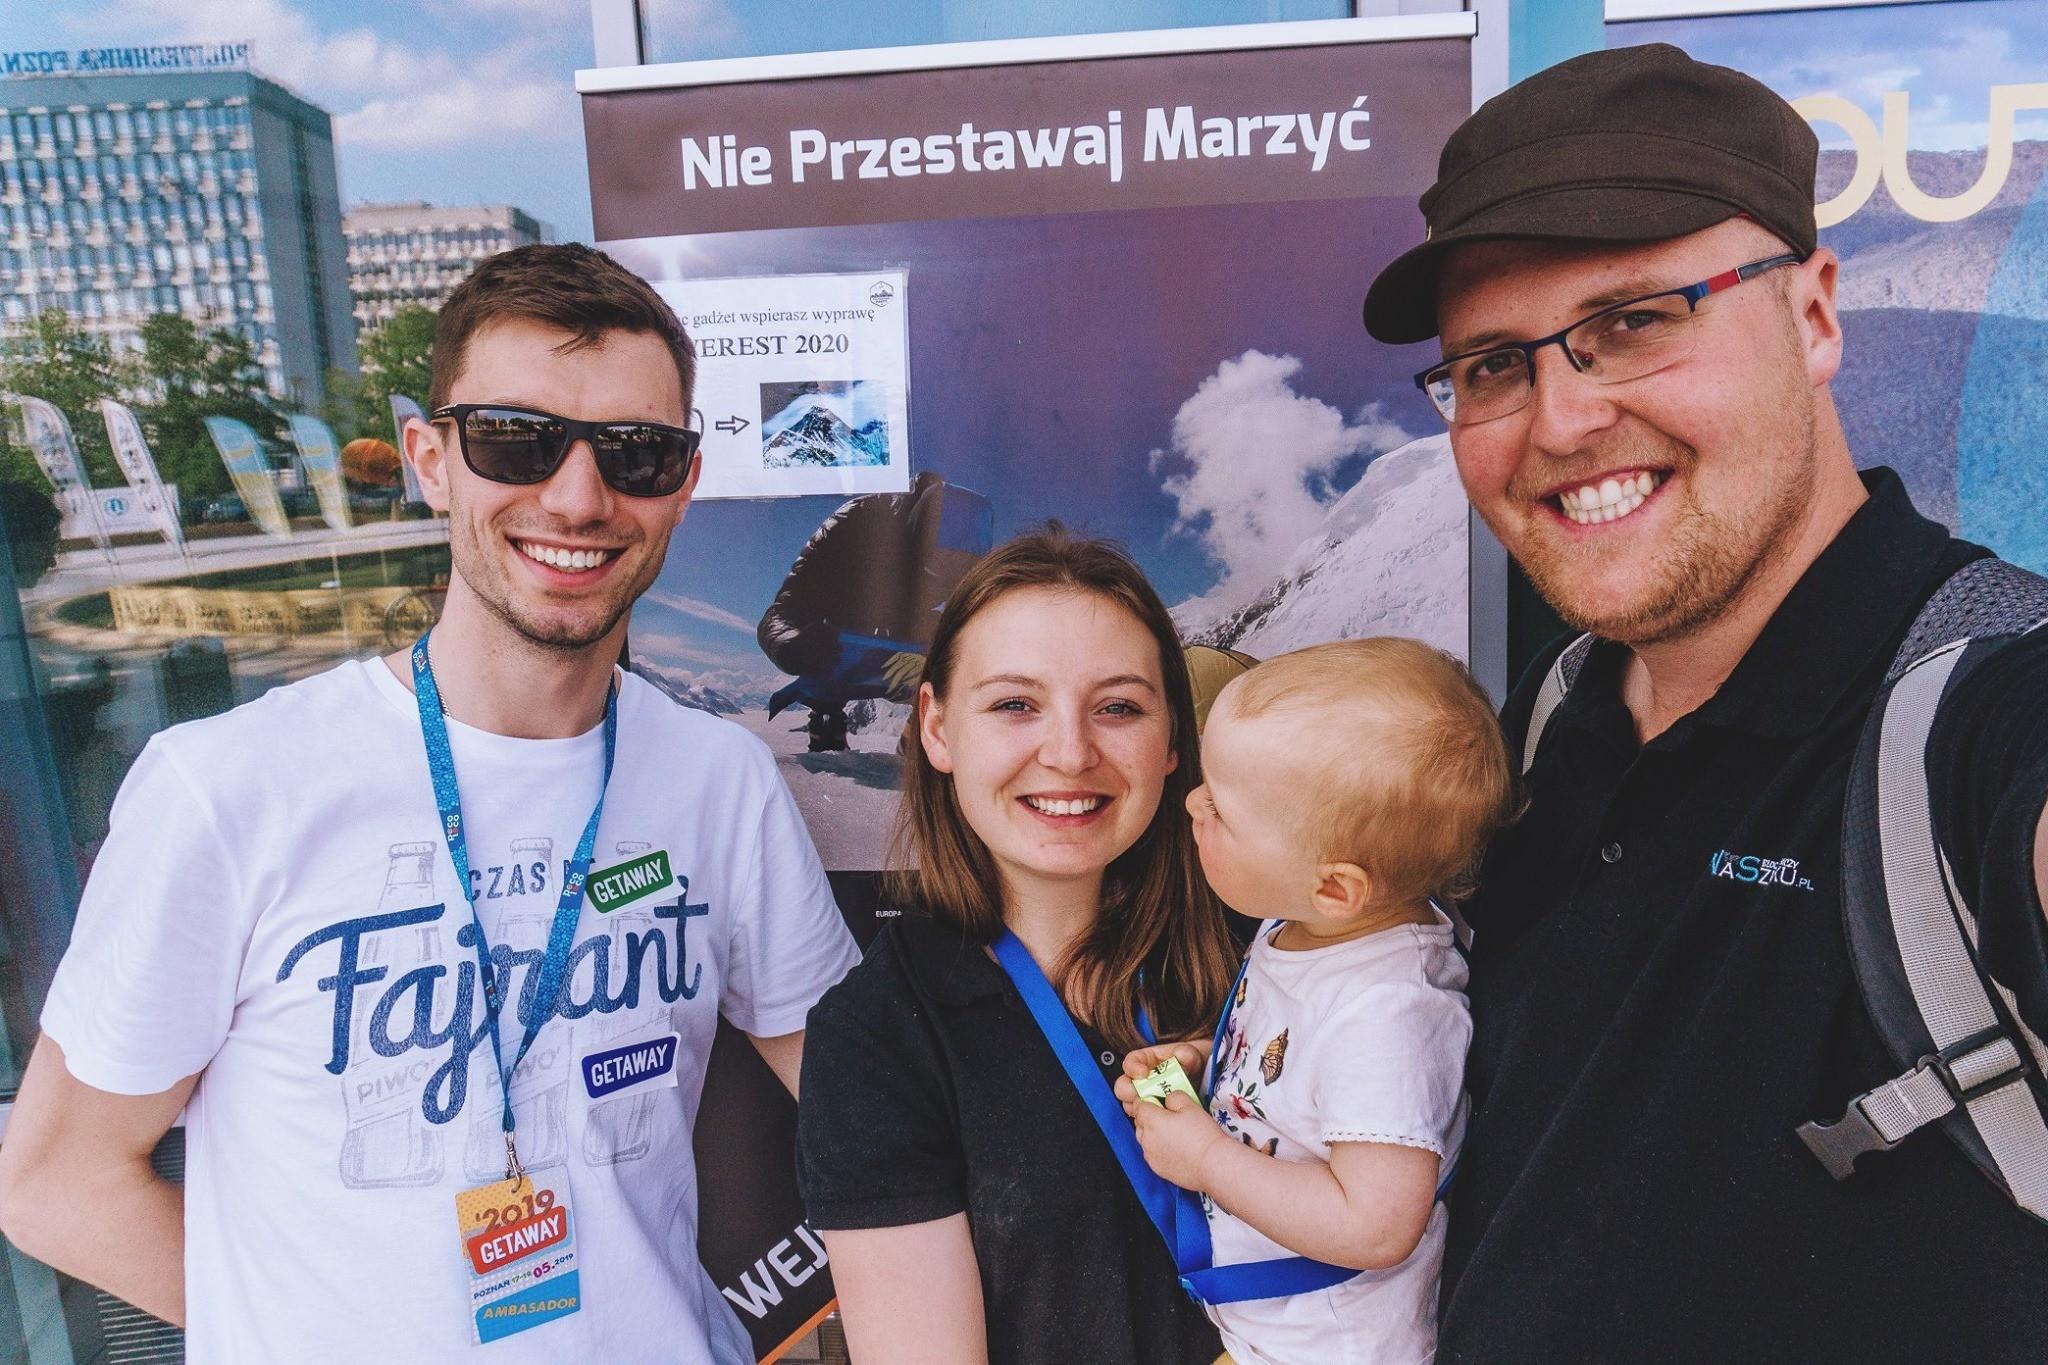 Szymon Żoczek, Czechowice Dziedzice, Nie Przestawaj Marzyć